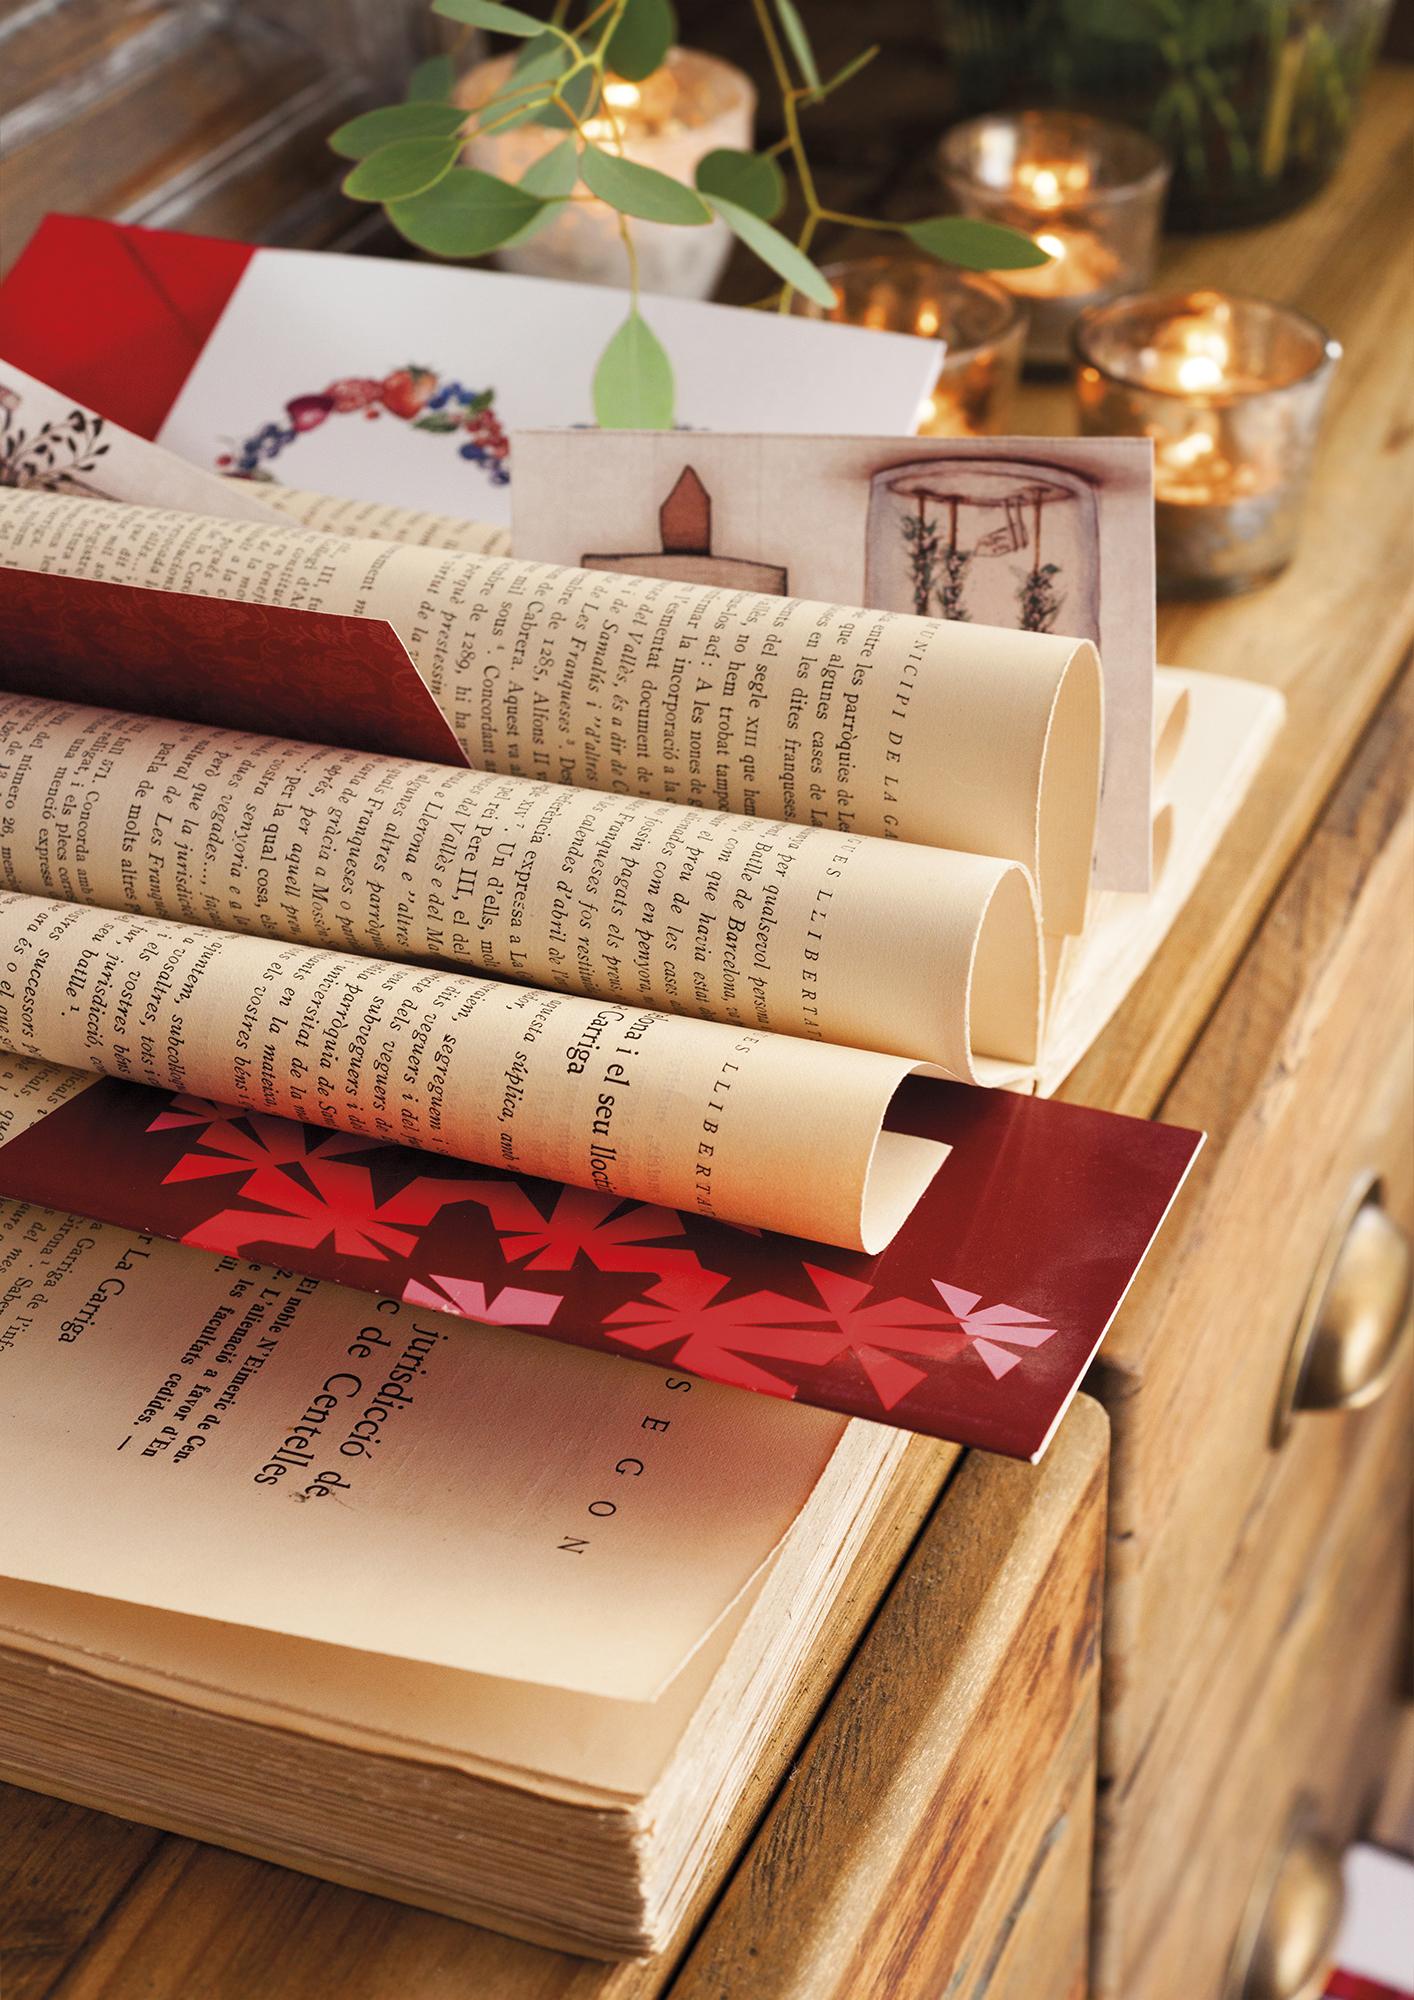 MG 8634. libros antiguos usados para decorar